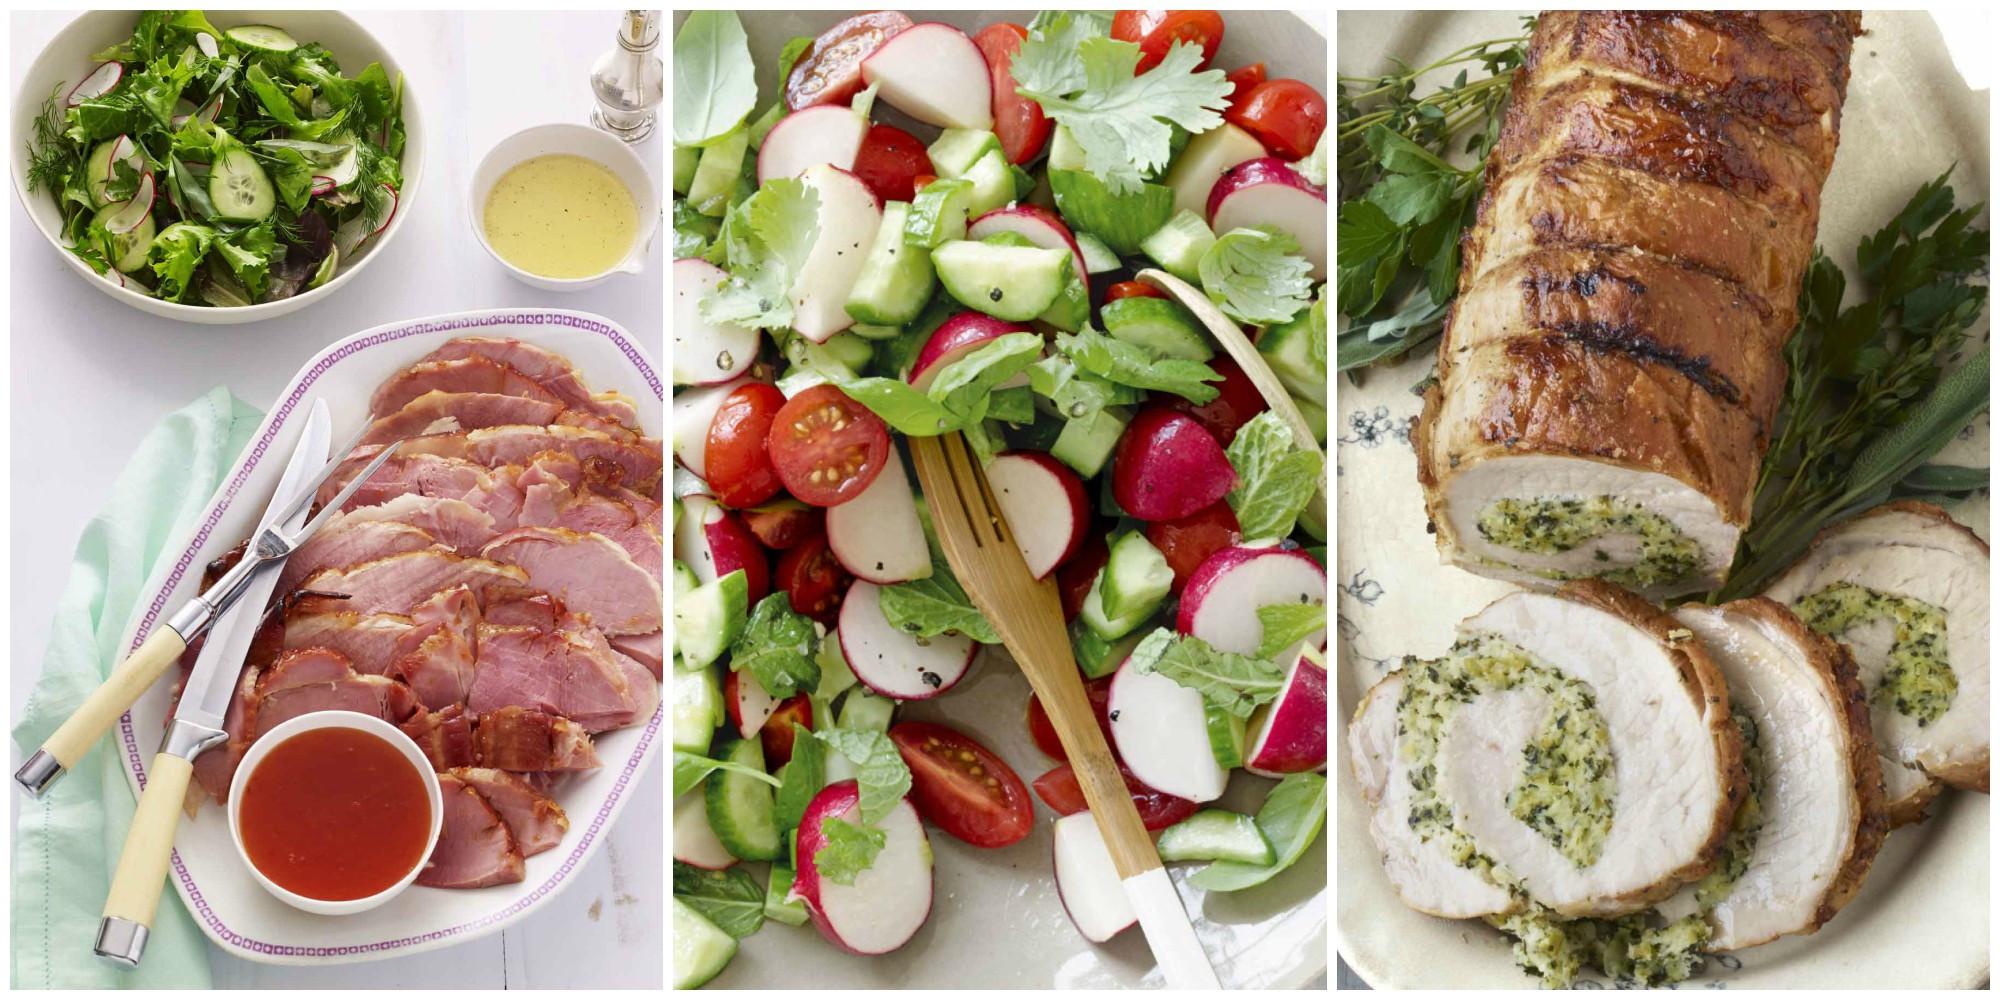 Dinner Ideas For Easter Sunday  Top 28 Easter Sunday Dinner Ideas easter 2016 dinner